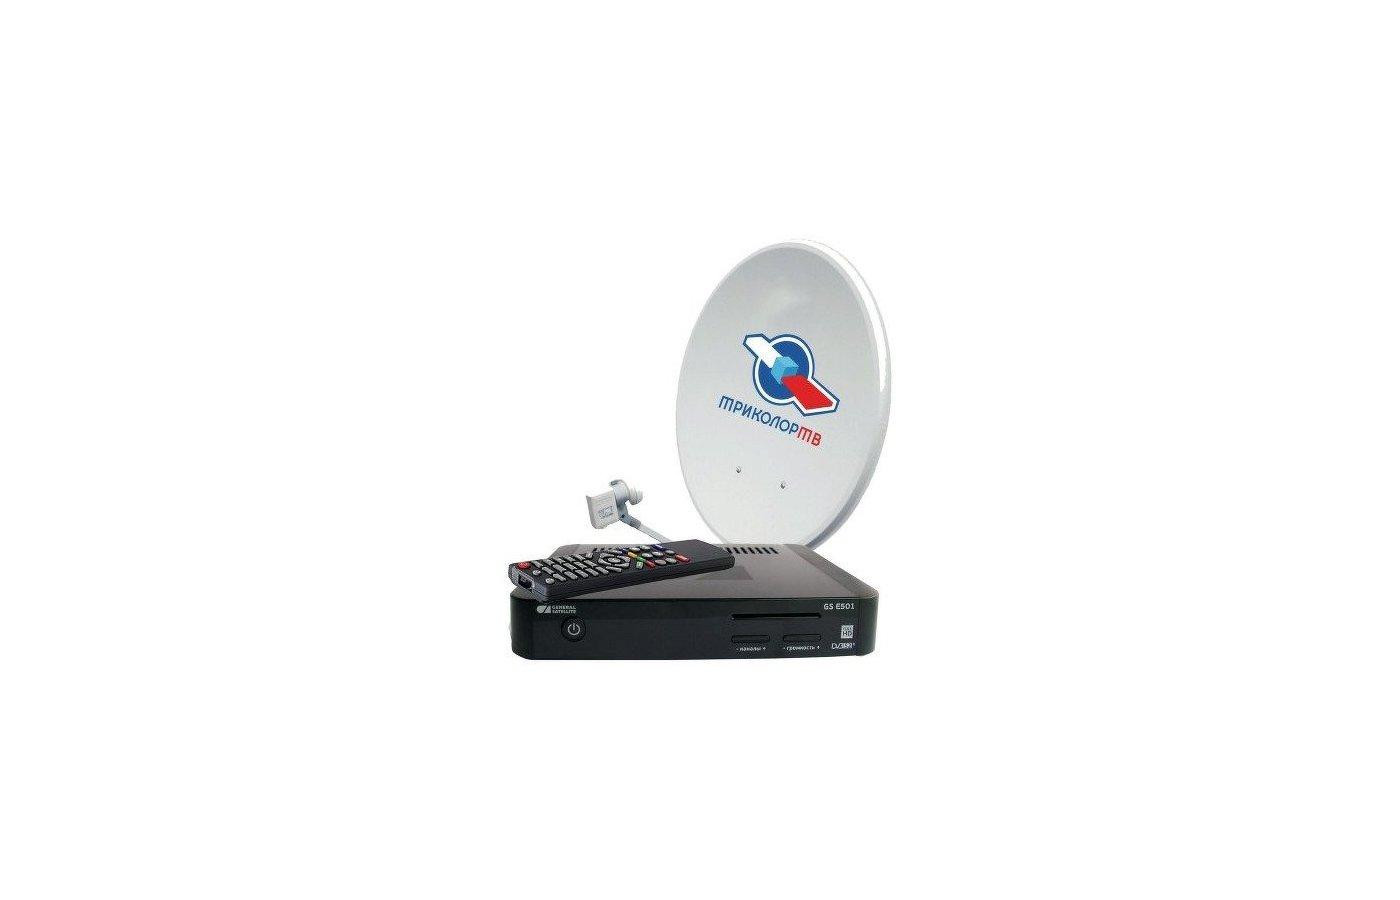 Спутниковое ТВ Триколор Европа GS E501 + GS C5911 (на 2 ТВ)